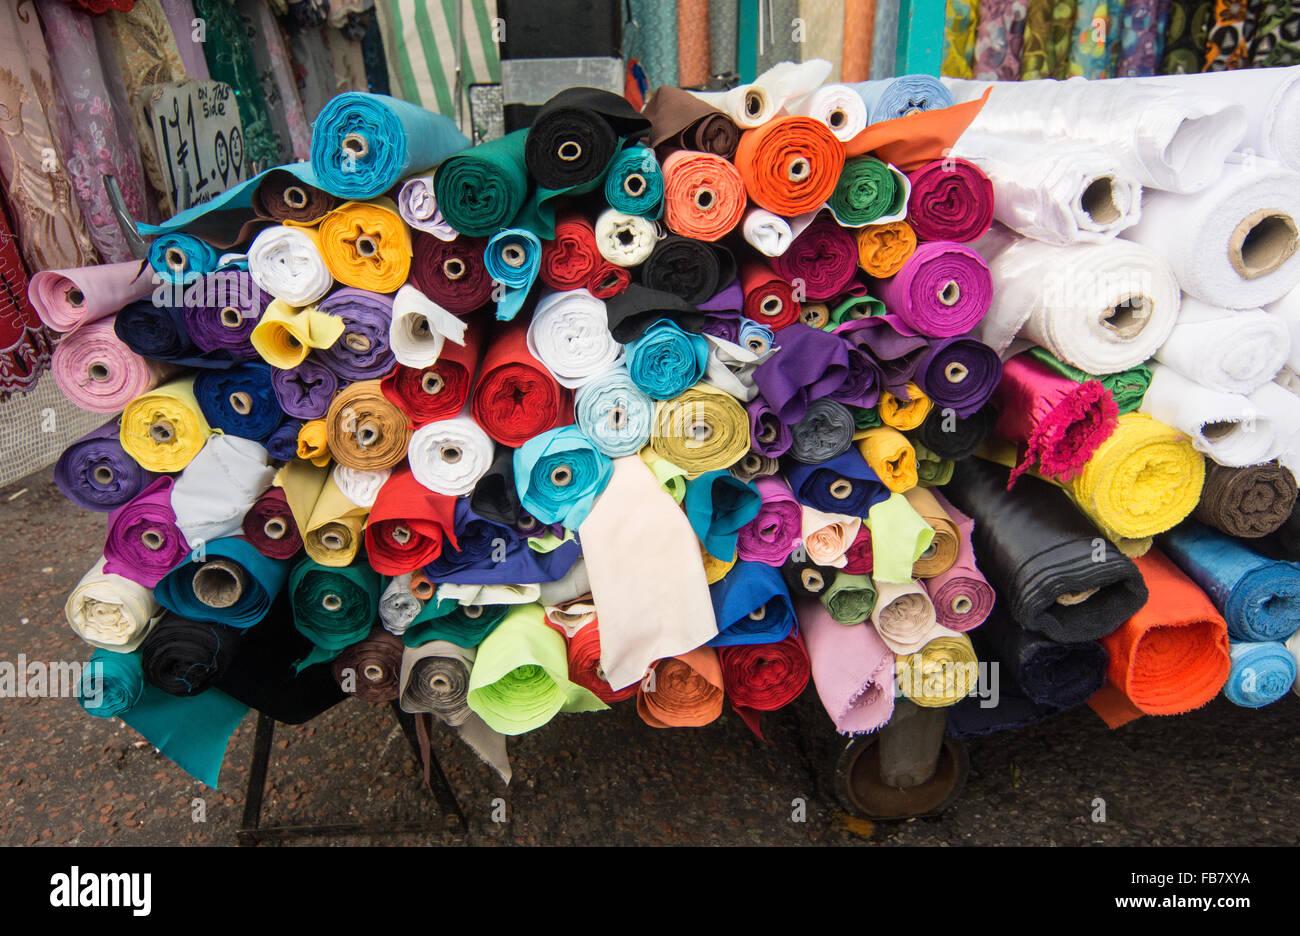 Rotoli di materiale. Rotoli di panni. colori. materiale colorato. Immagini Stock